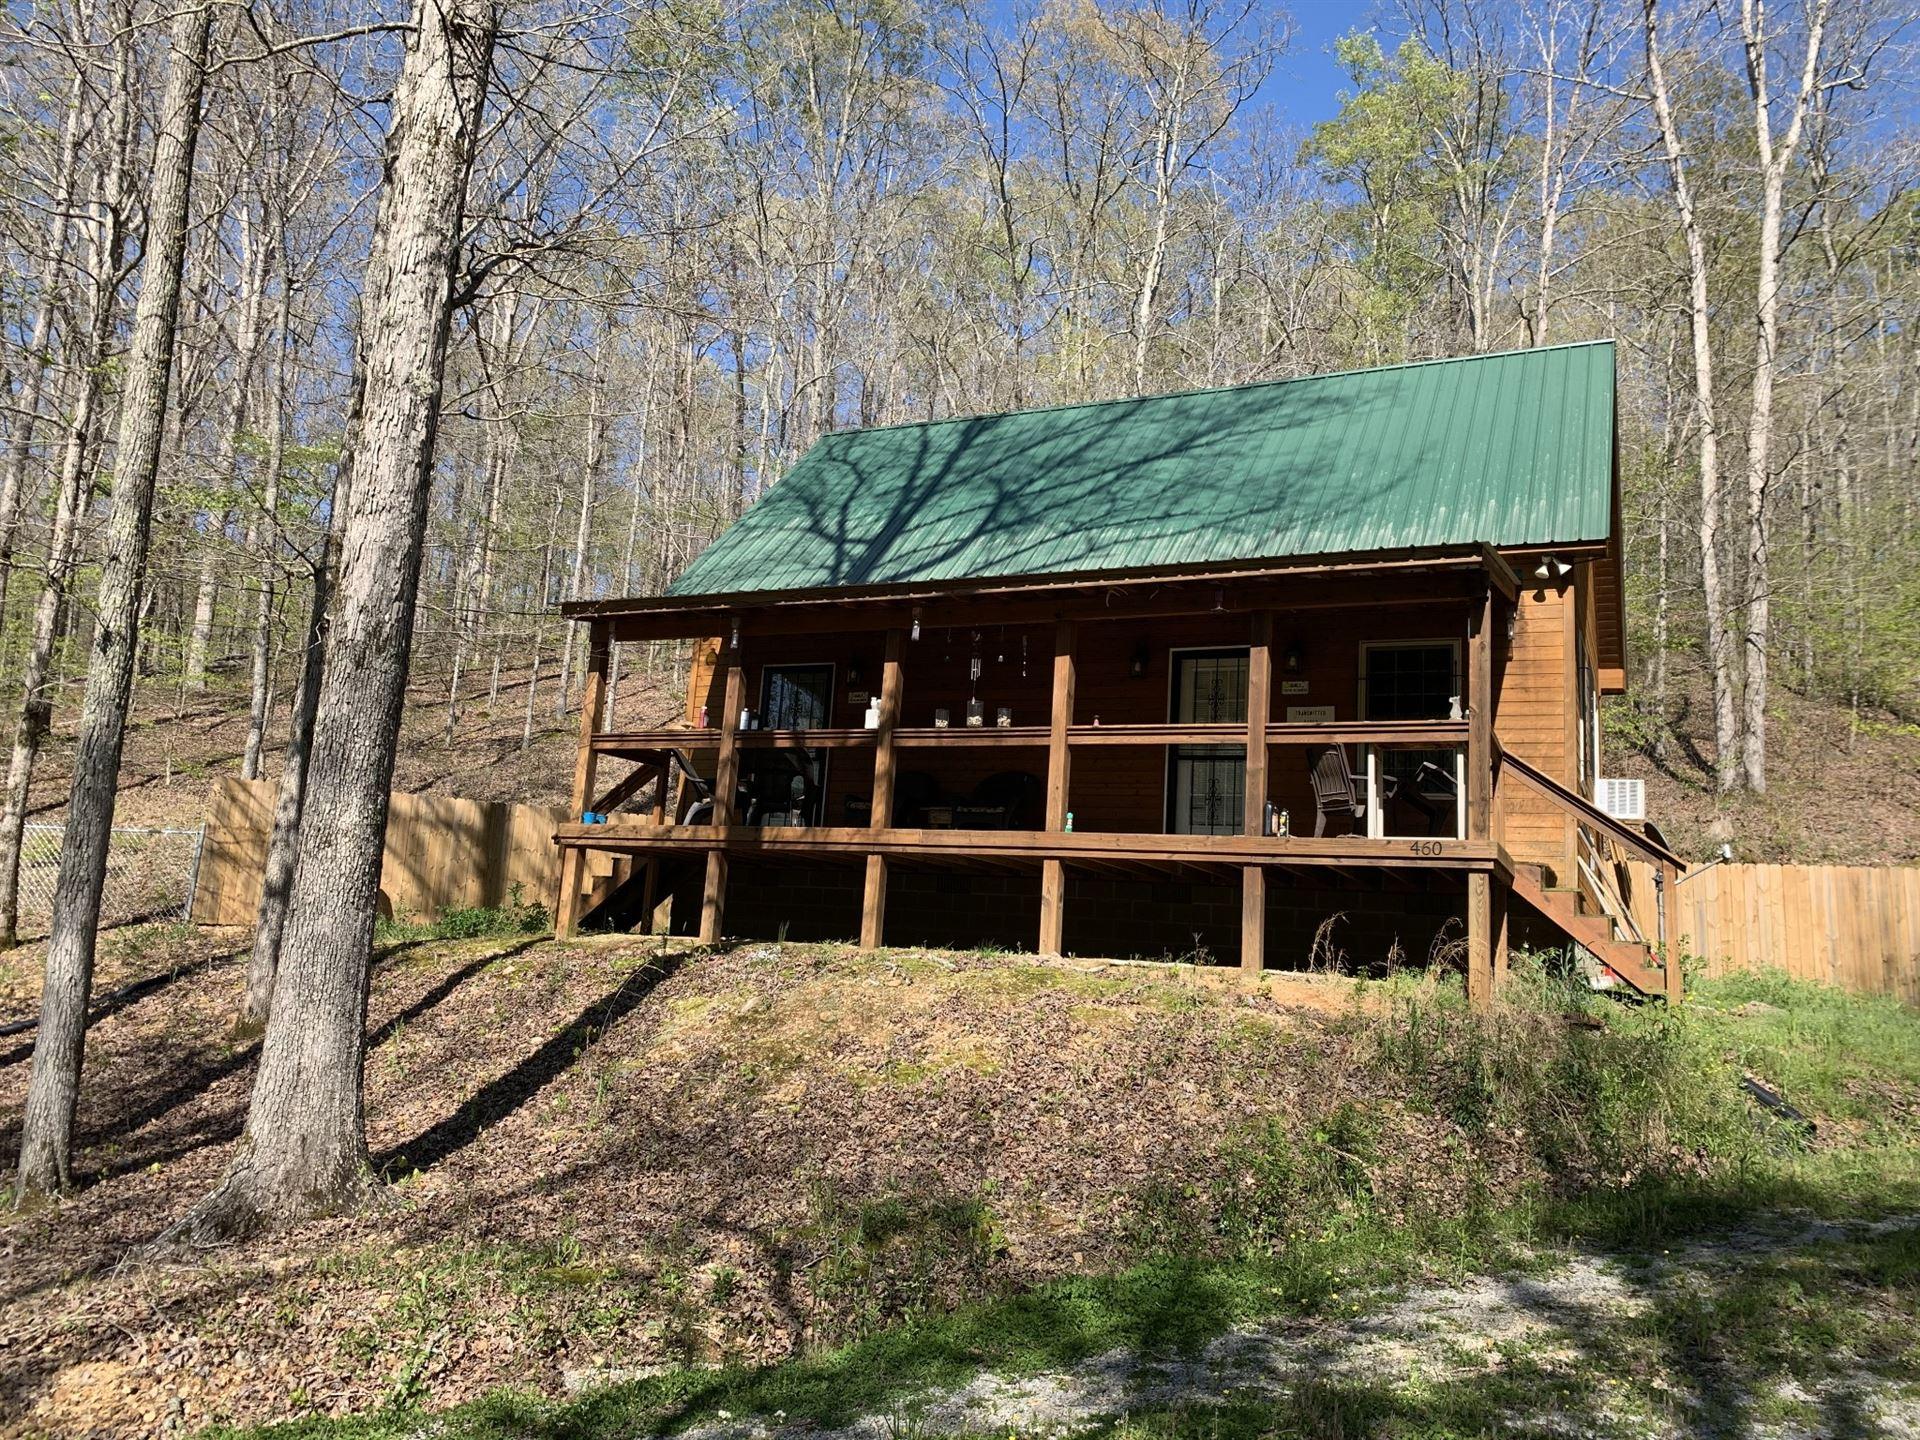 Photo of 460 Brush Creek Rd, Lawrenceburg, TN 38464 (MLS # 2141041)